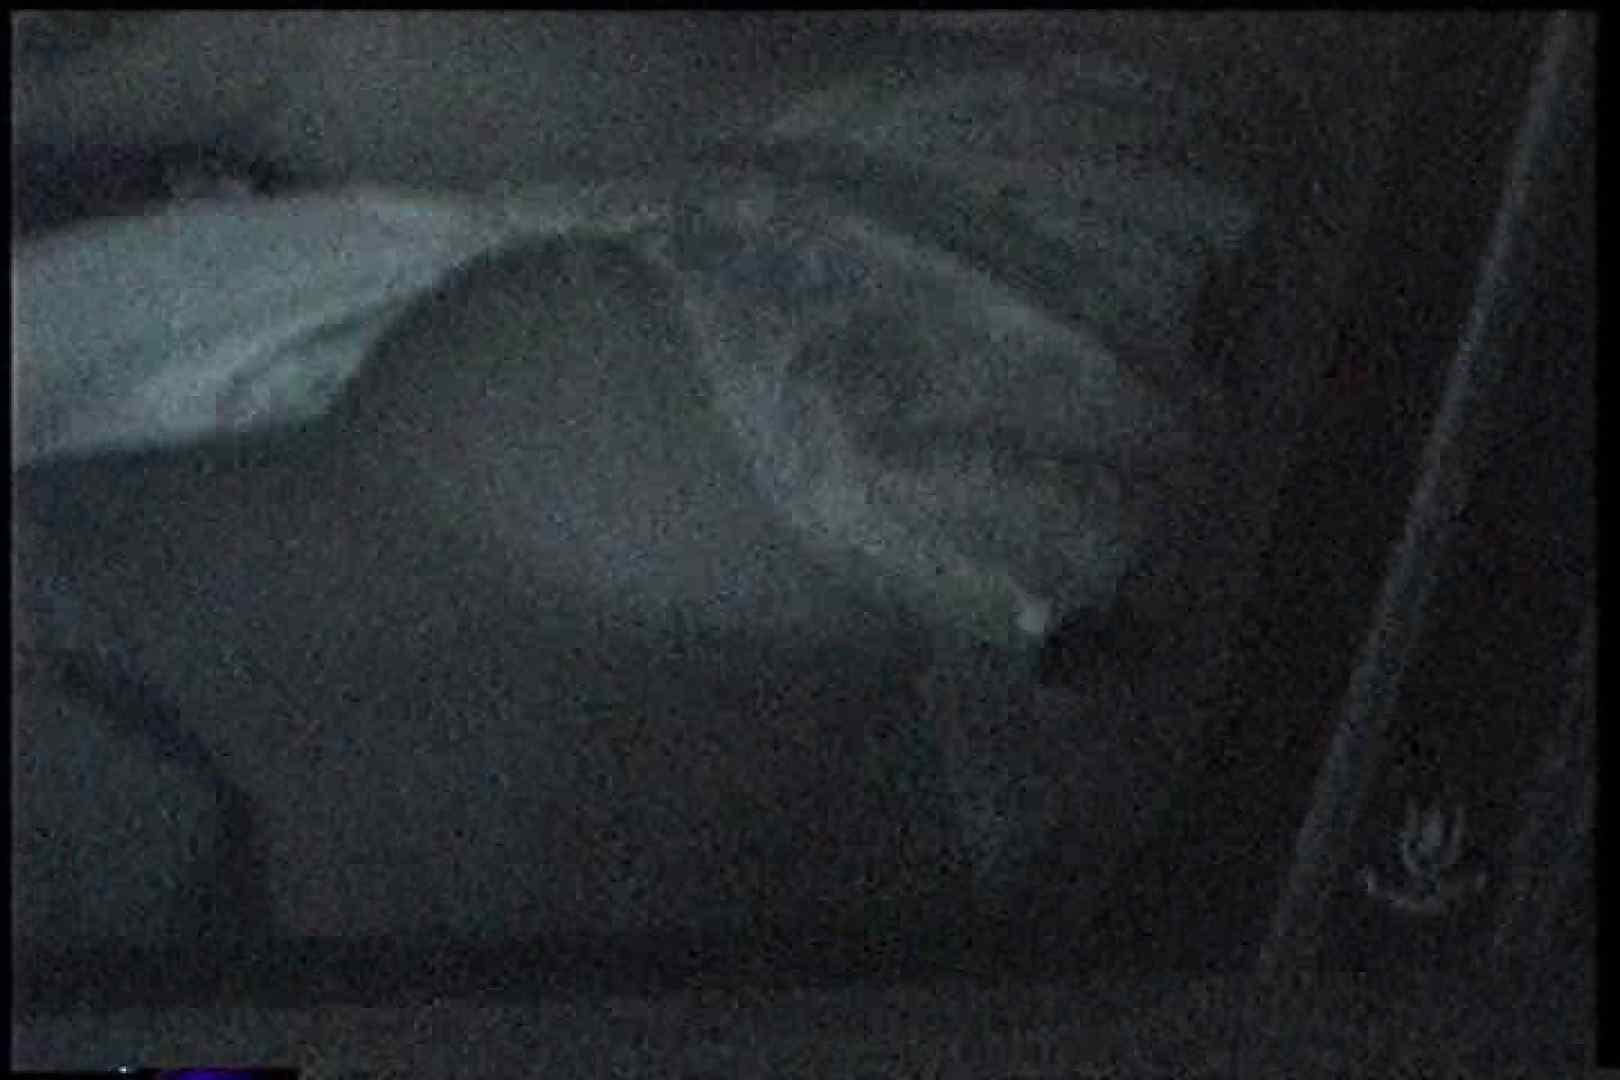 充血監督の深夜の運動会Vol.239 エロティックなOL 濡れ場動画紹介 67画像 29